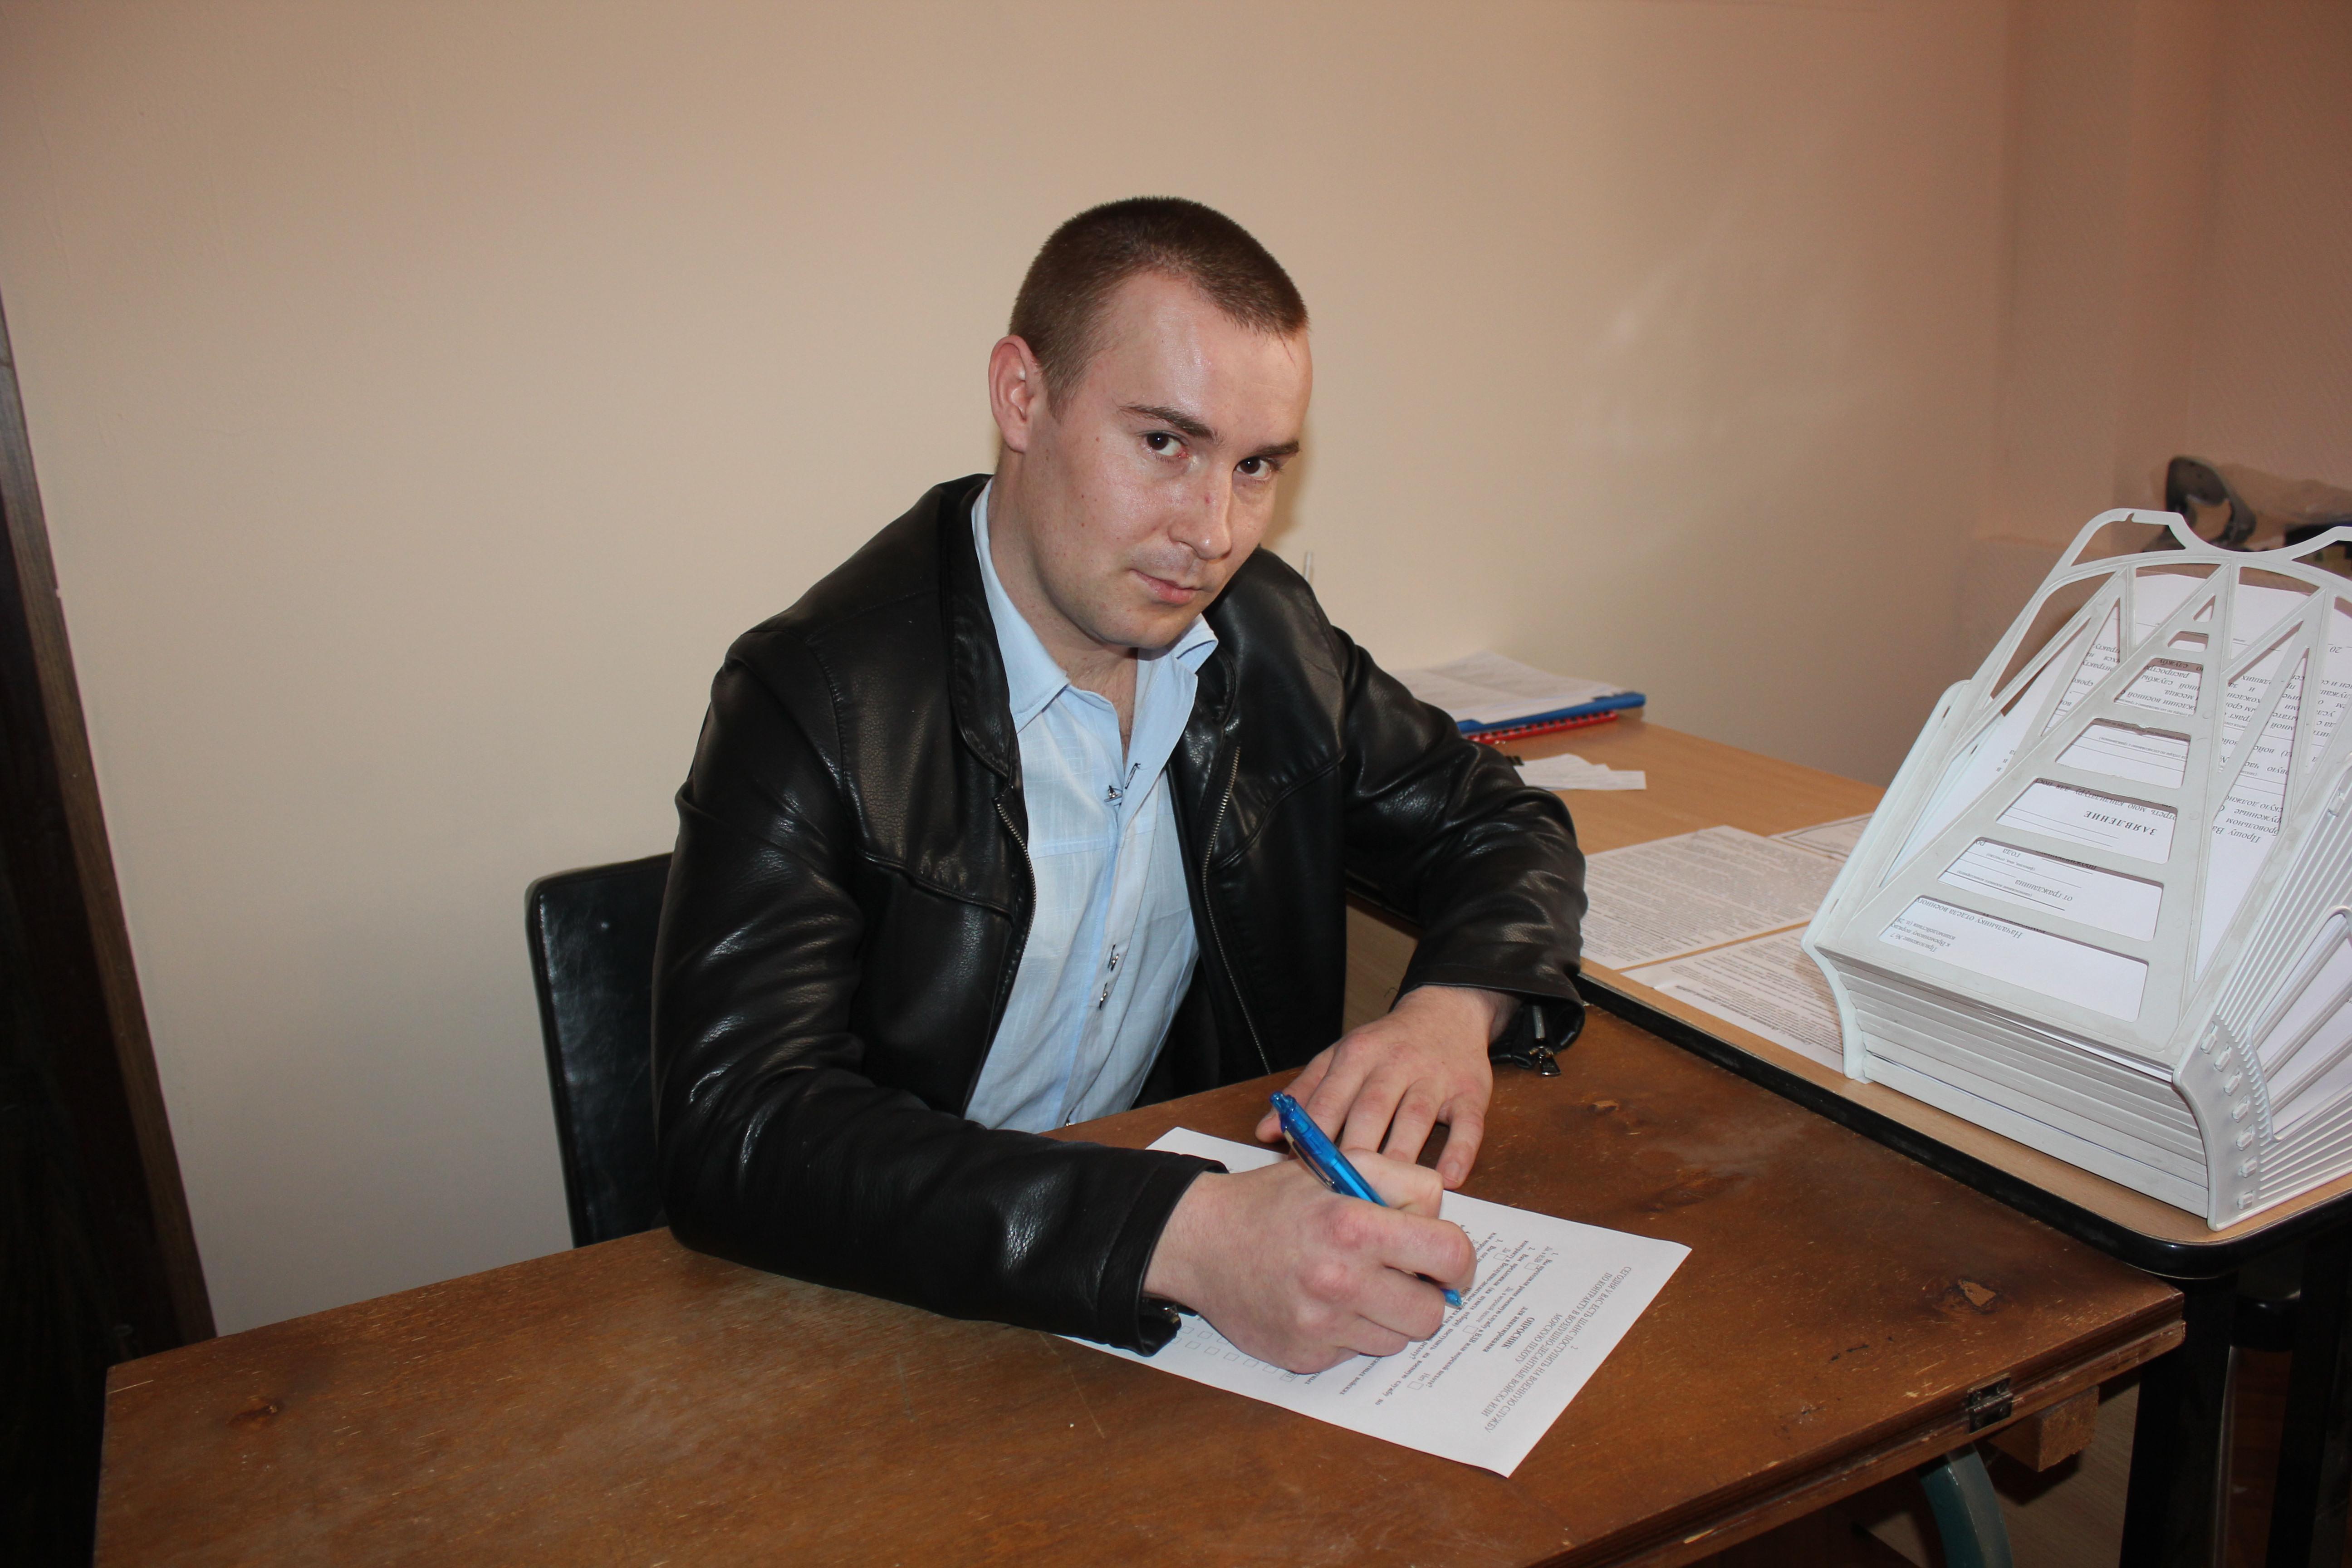 Поздравление на свадьбу на казахском языке с переводом на русский